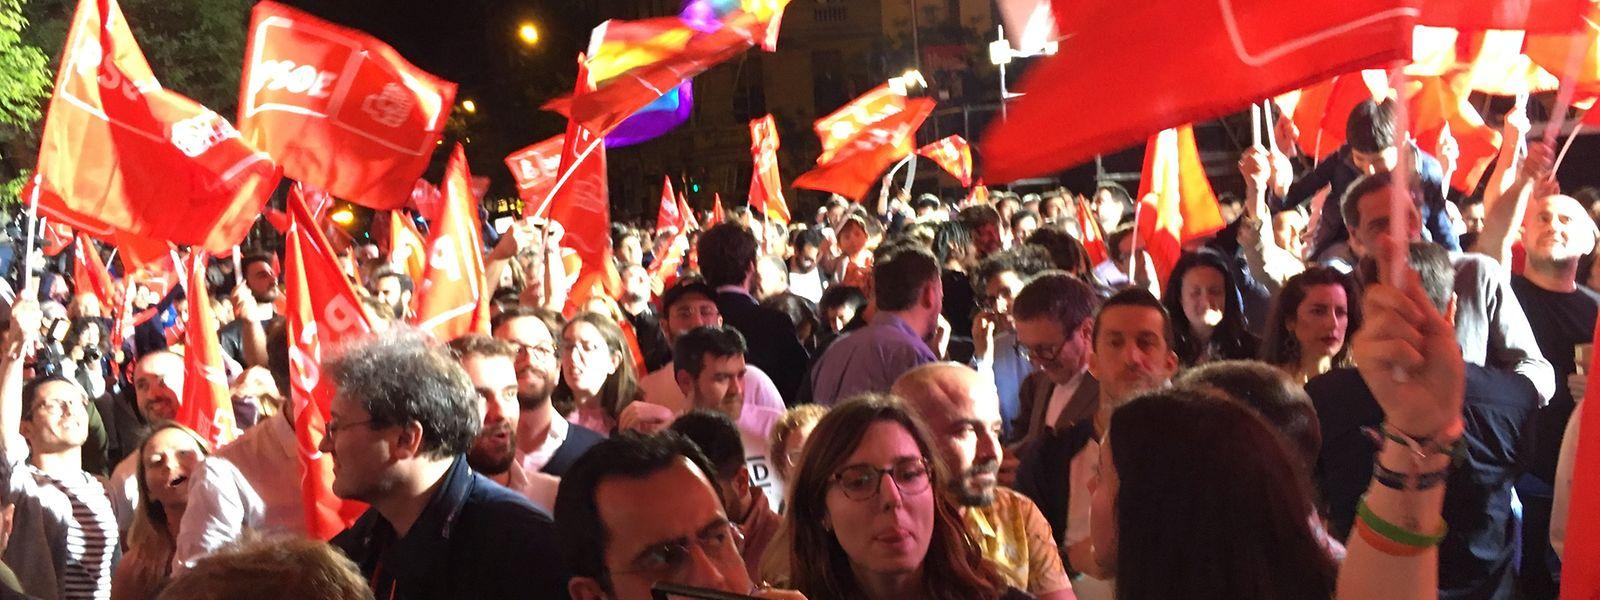 Anhänger der Partei PSOE, der spanischen Sozialisten, feiern nach der Wahl und schwenken Parteifahnen. Fast 37 Millionen Spanier waren aufgerufen, in 23 000 Wahllokalen ihre Stimme für die Parlamentswahl abzugeben.